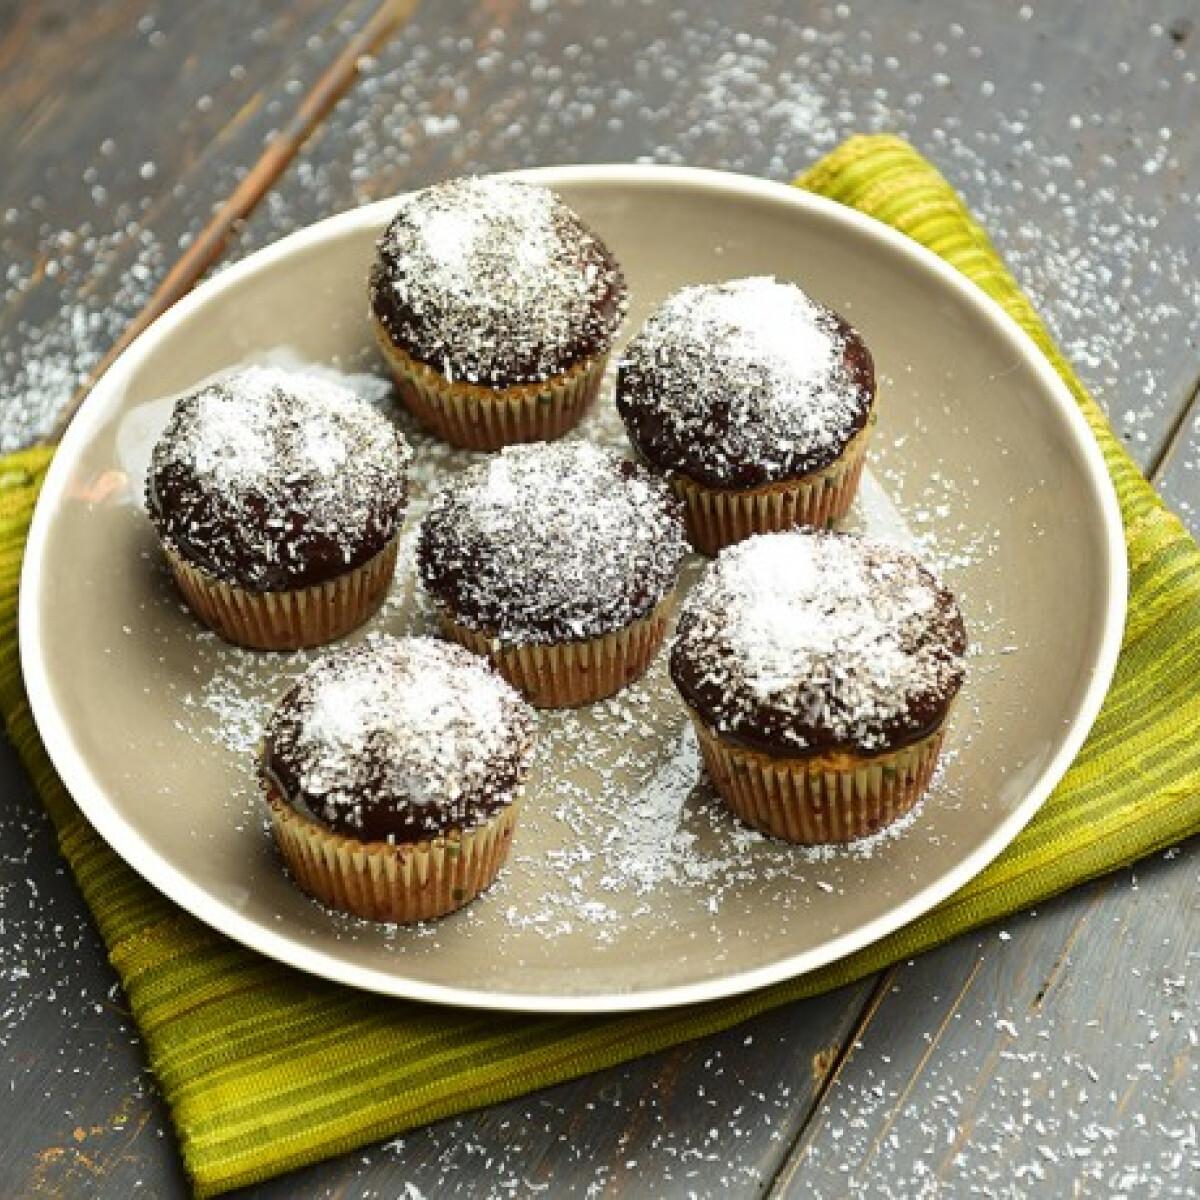 Ezen a képen: Duplakókuszos-csokis muffin